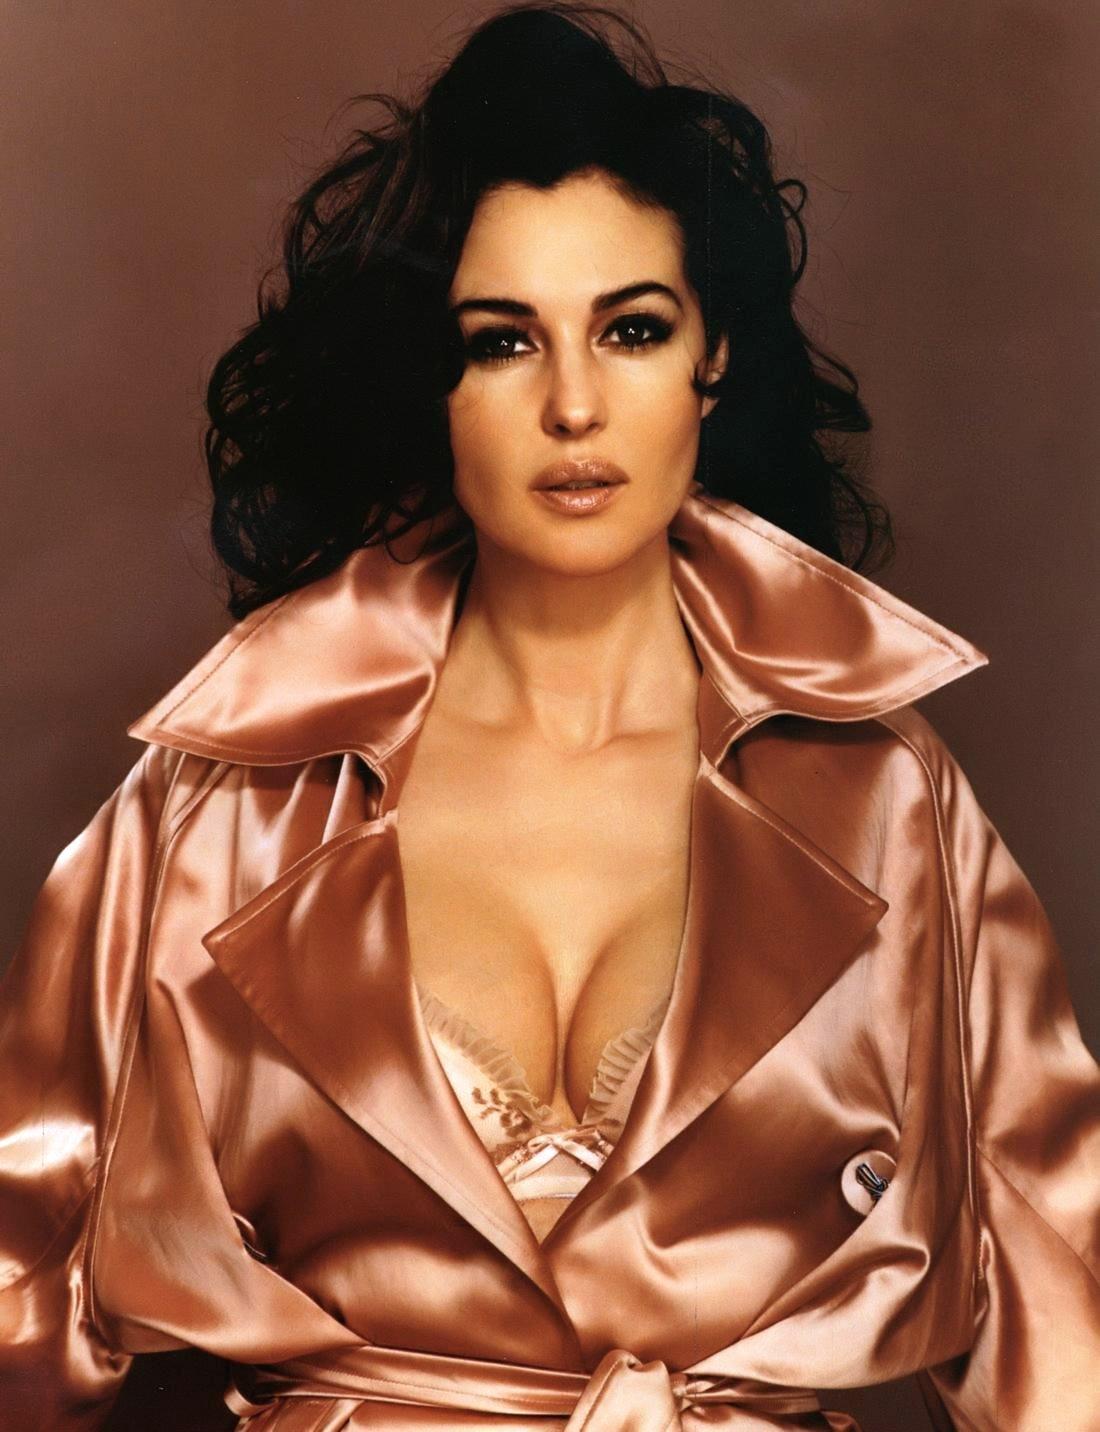 http://4.bp.blogspot.com/-Bui36ohMmhk/TbNS8BtKiQI/AAAAAAAADj0/YPRRv02jBmA/s1600/Monica+Bellucci+100.jpg